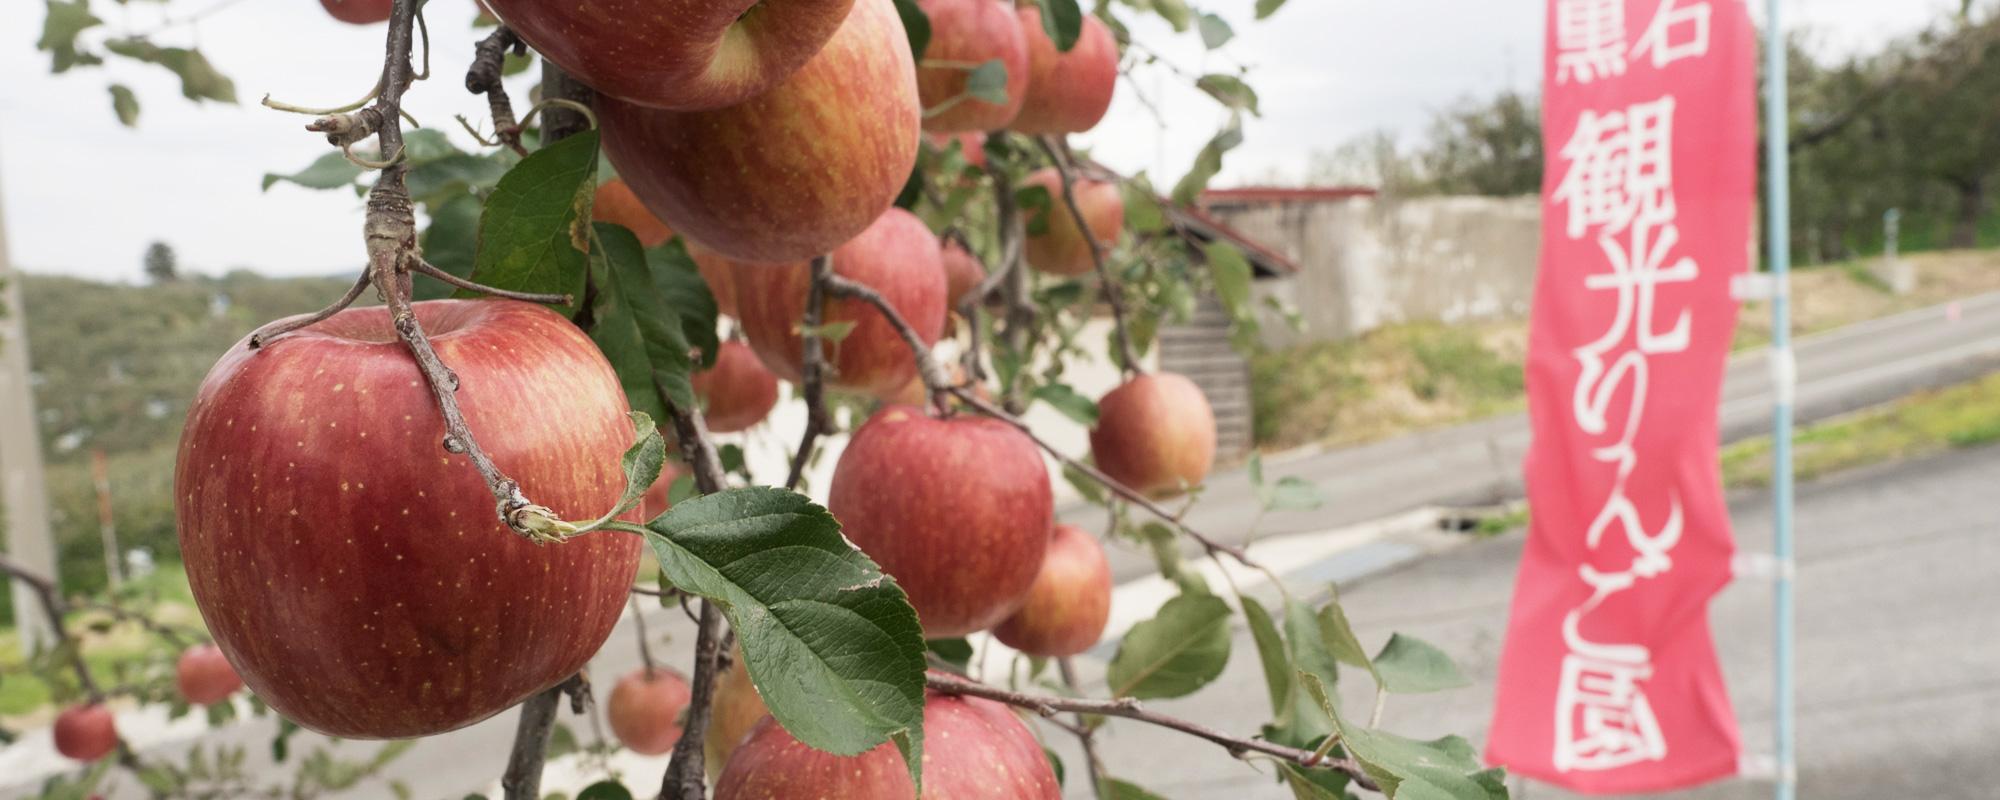 黒石市の体験スポット 観光りんご園